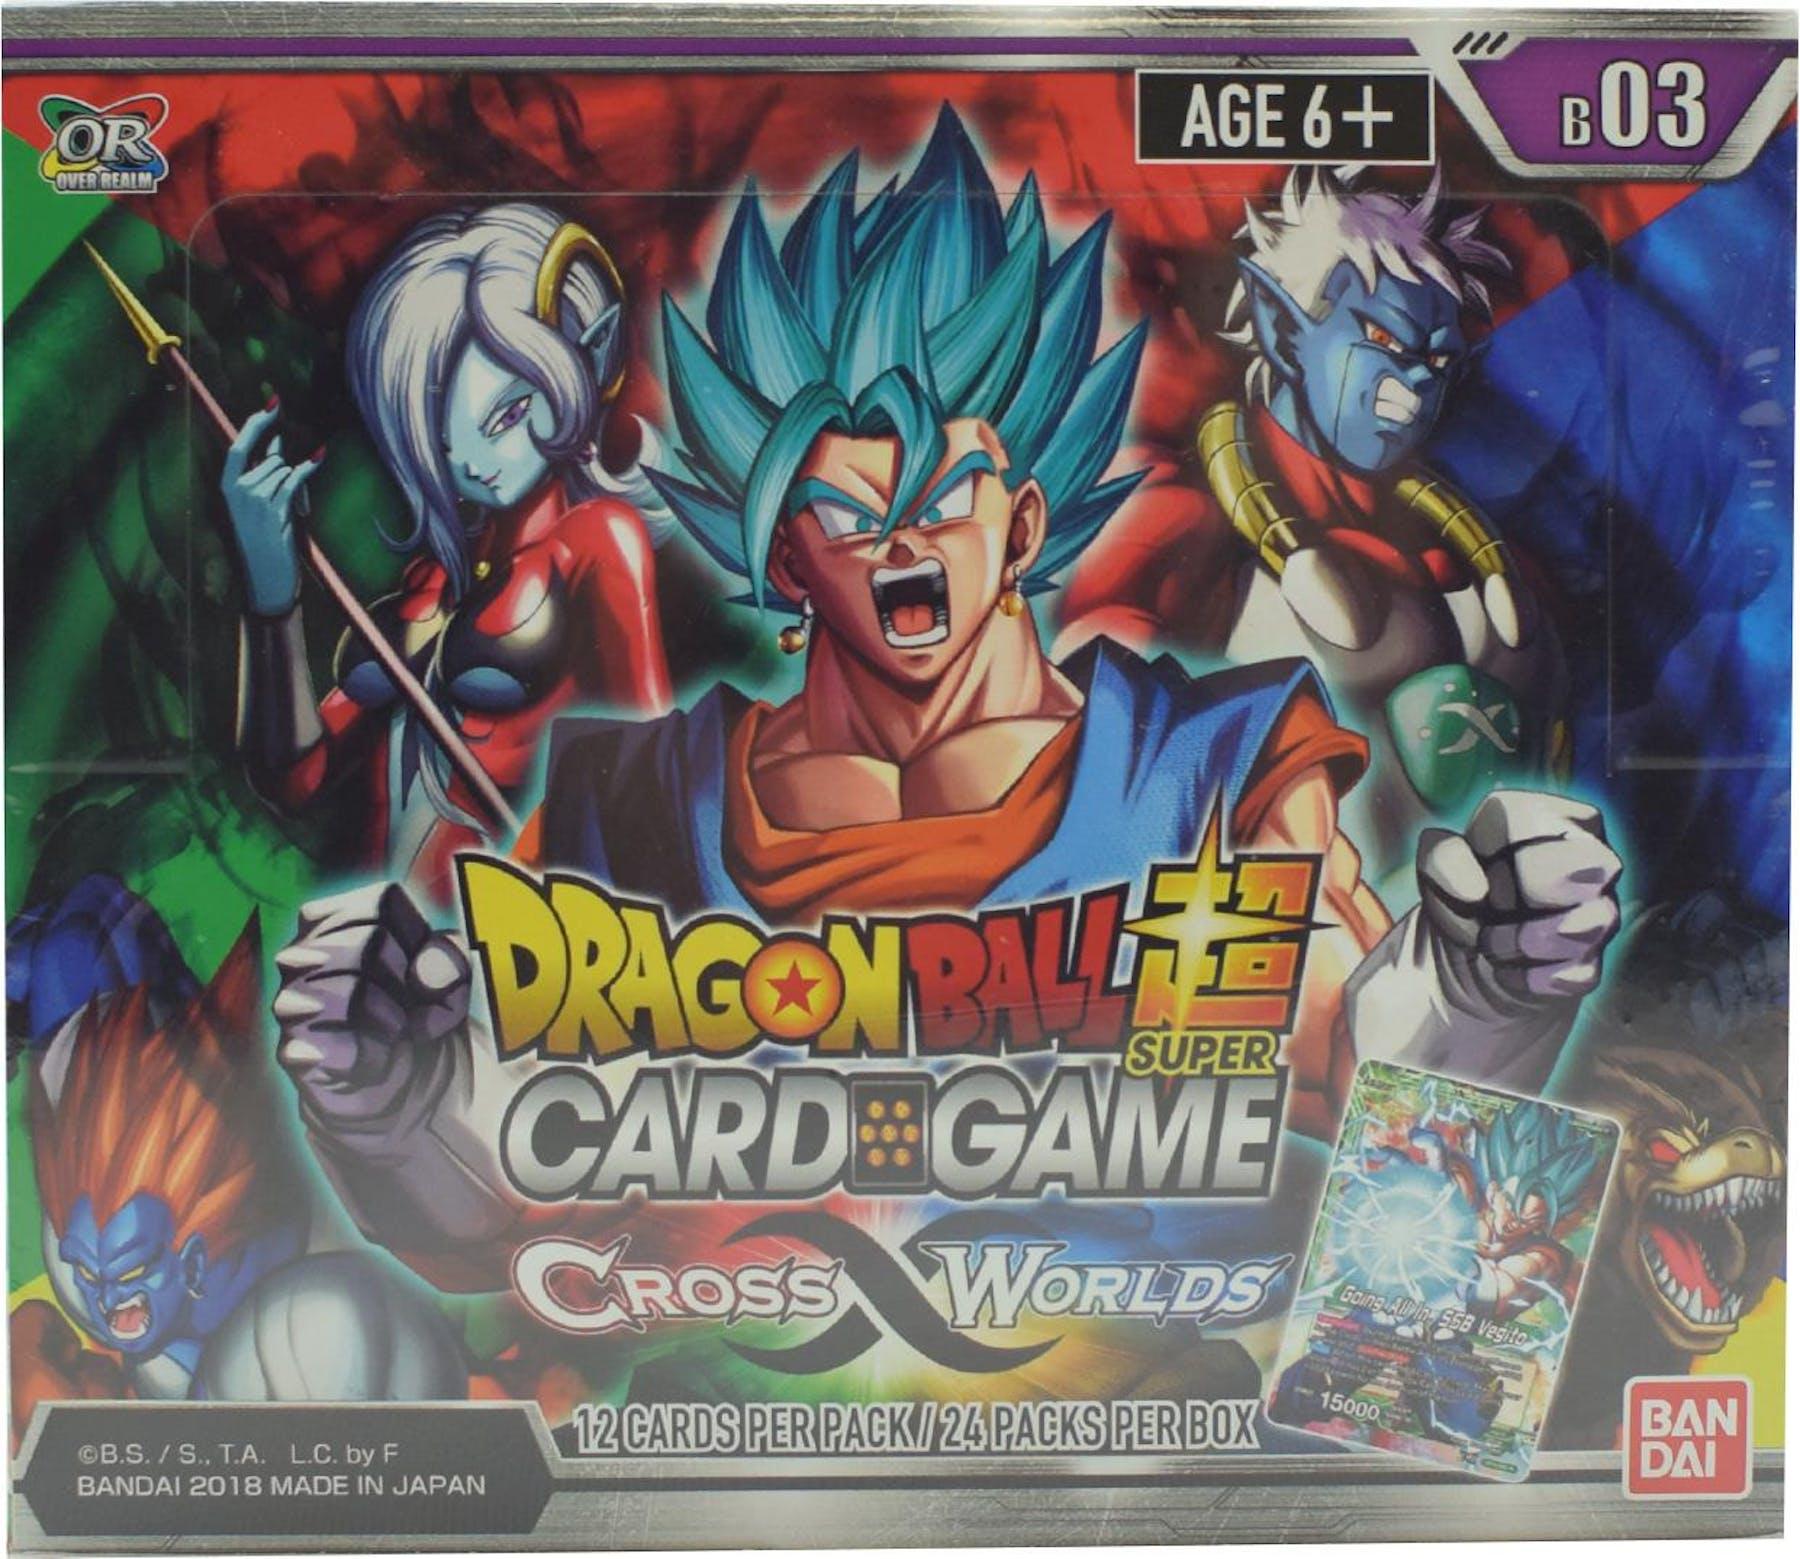 Dragon Ball Super TCG Cross Worlds Booster 12-Box Case